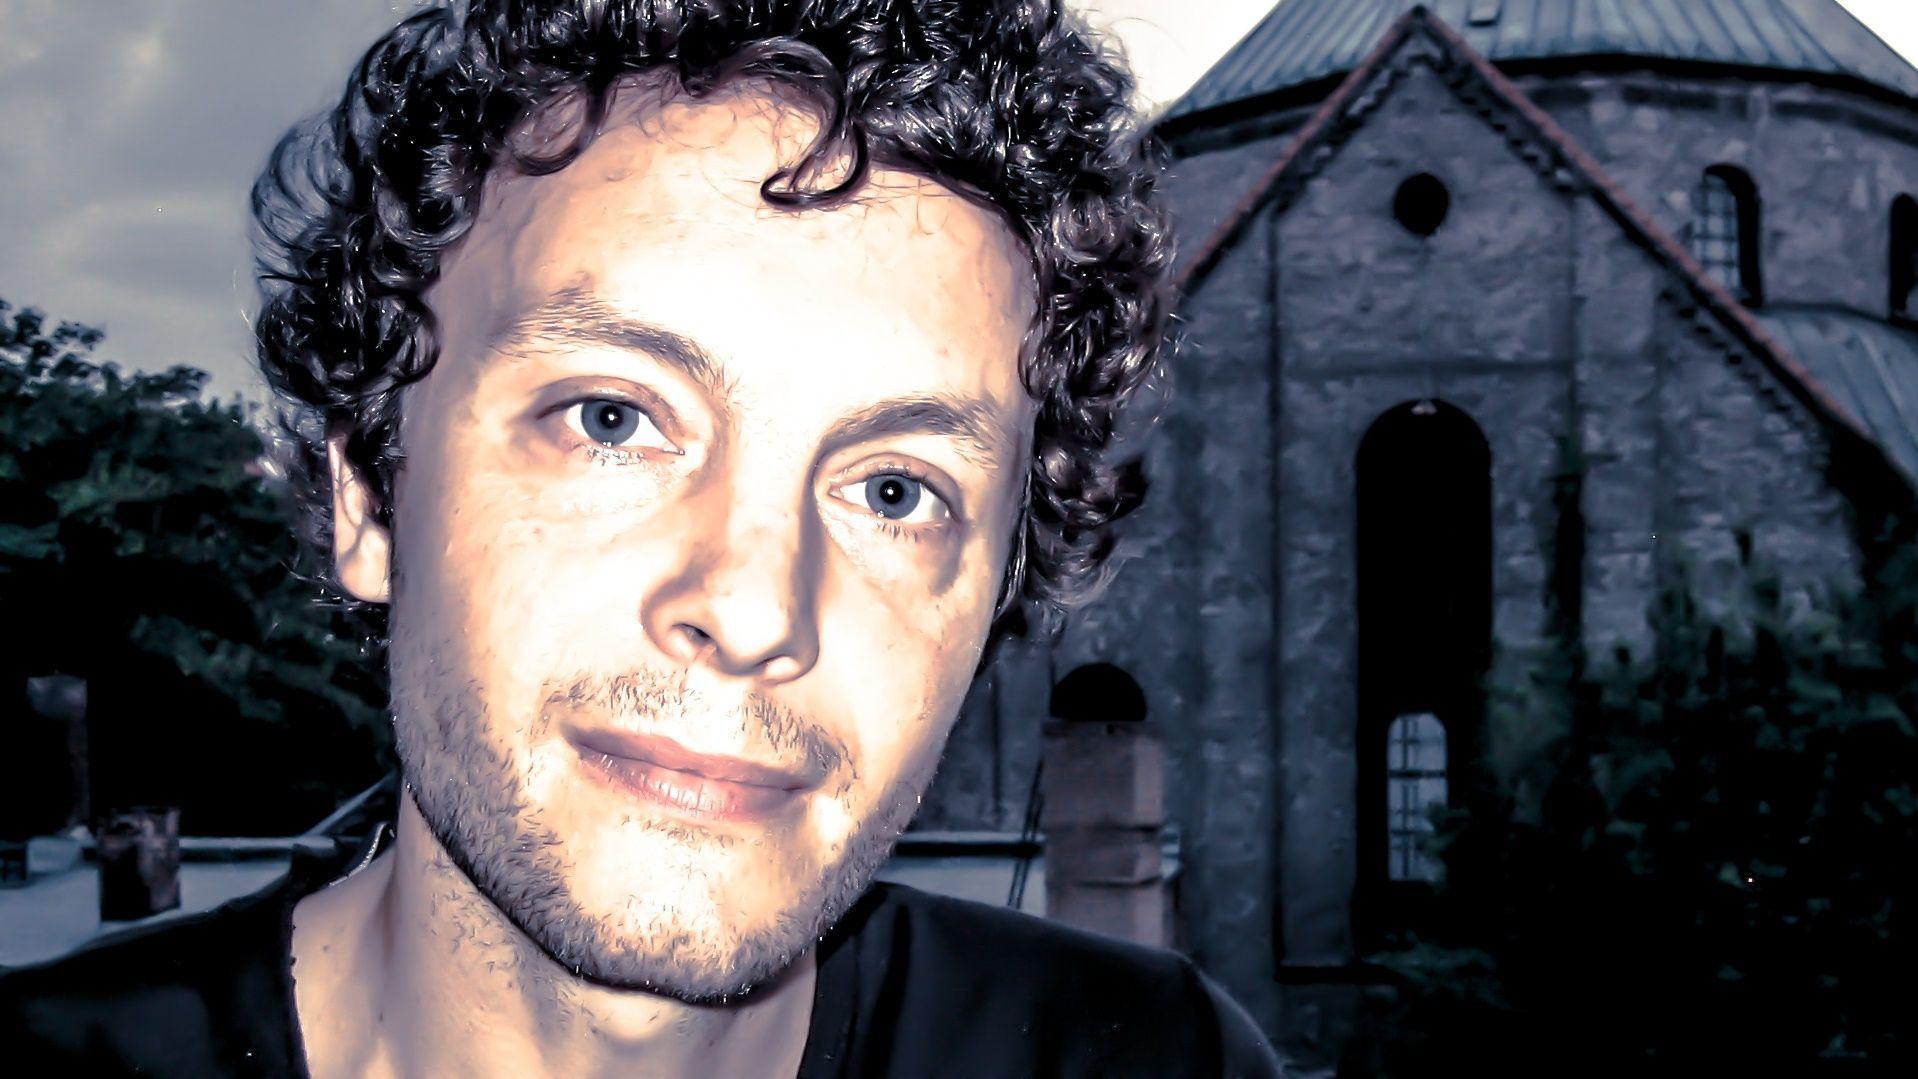 Sehr nah aufgenommenes Porträtfoto von Schriftsteller Thomas Klupp, im Hintergrund ist eine Kirche zu sehen